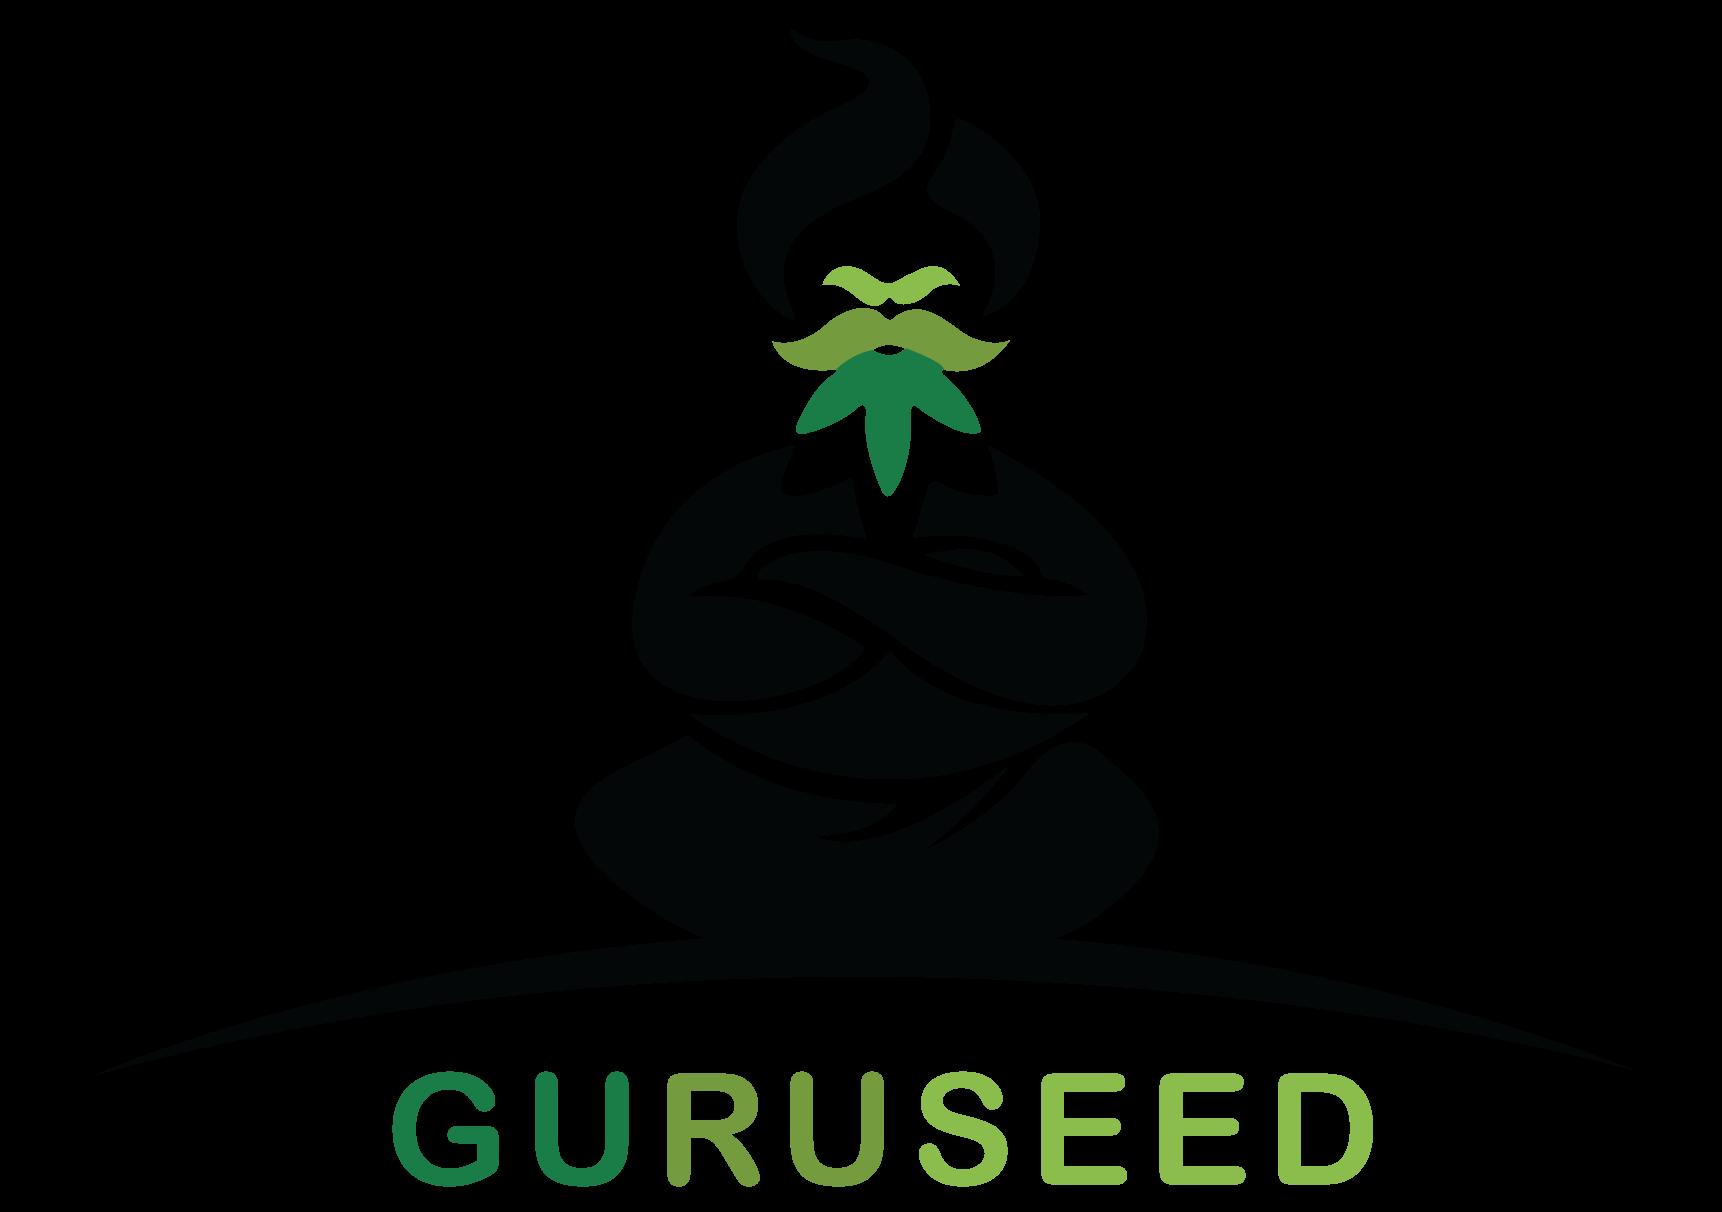 Guruseed.cz